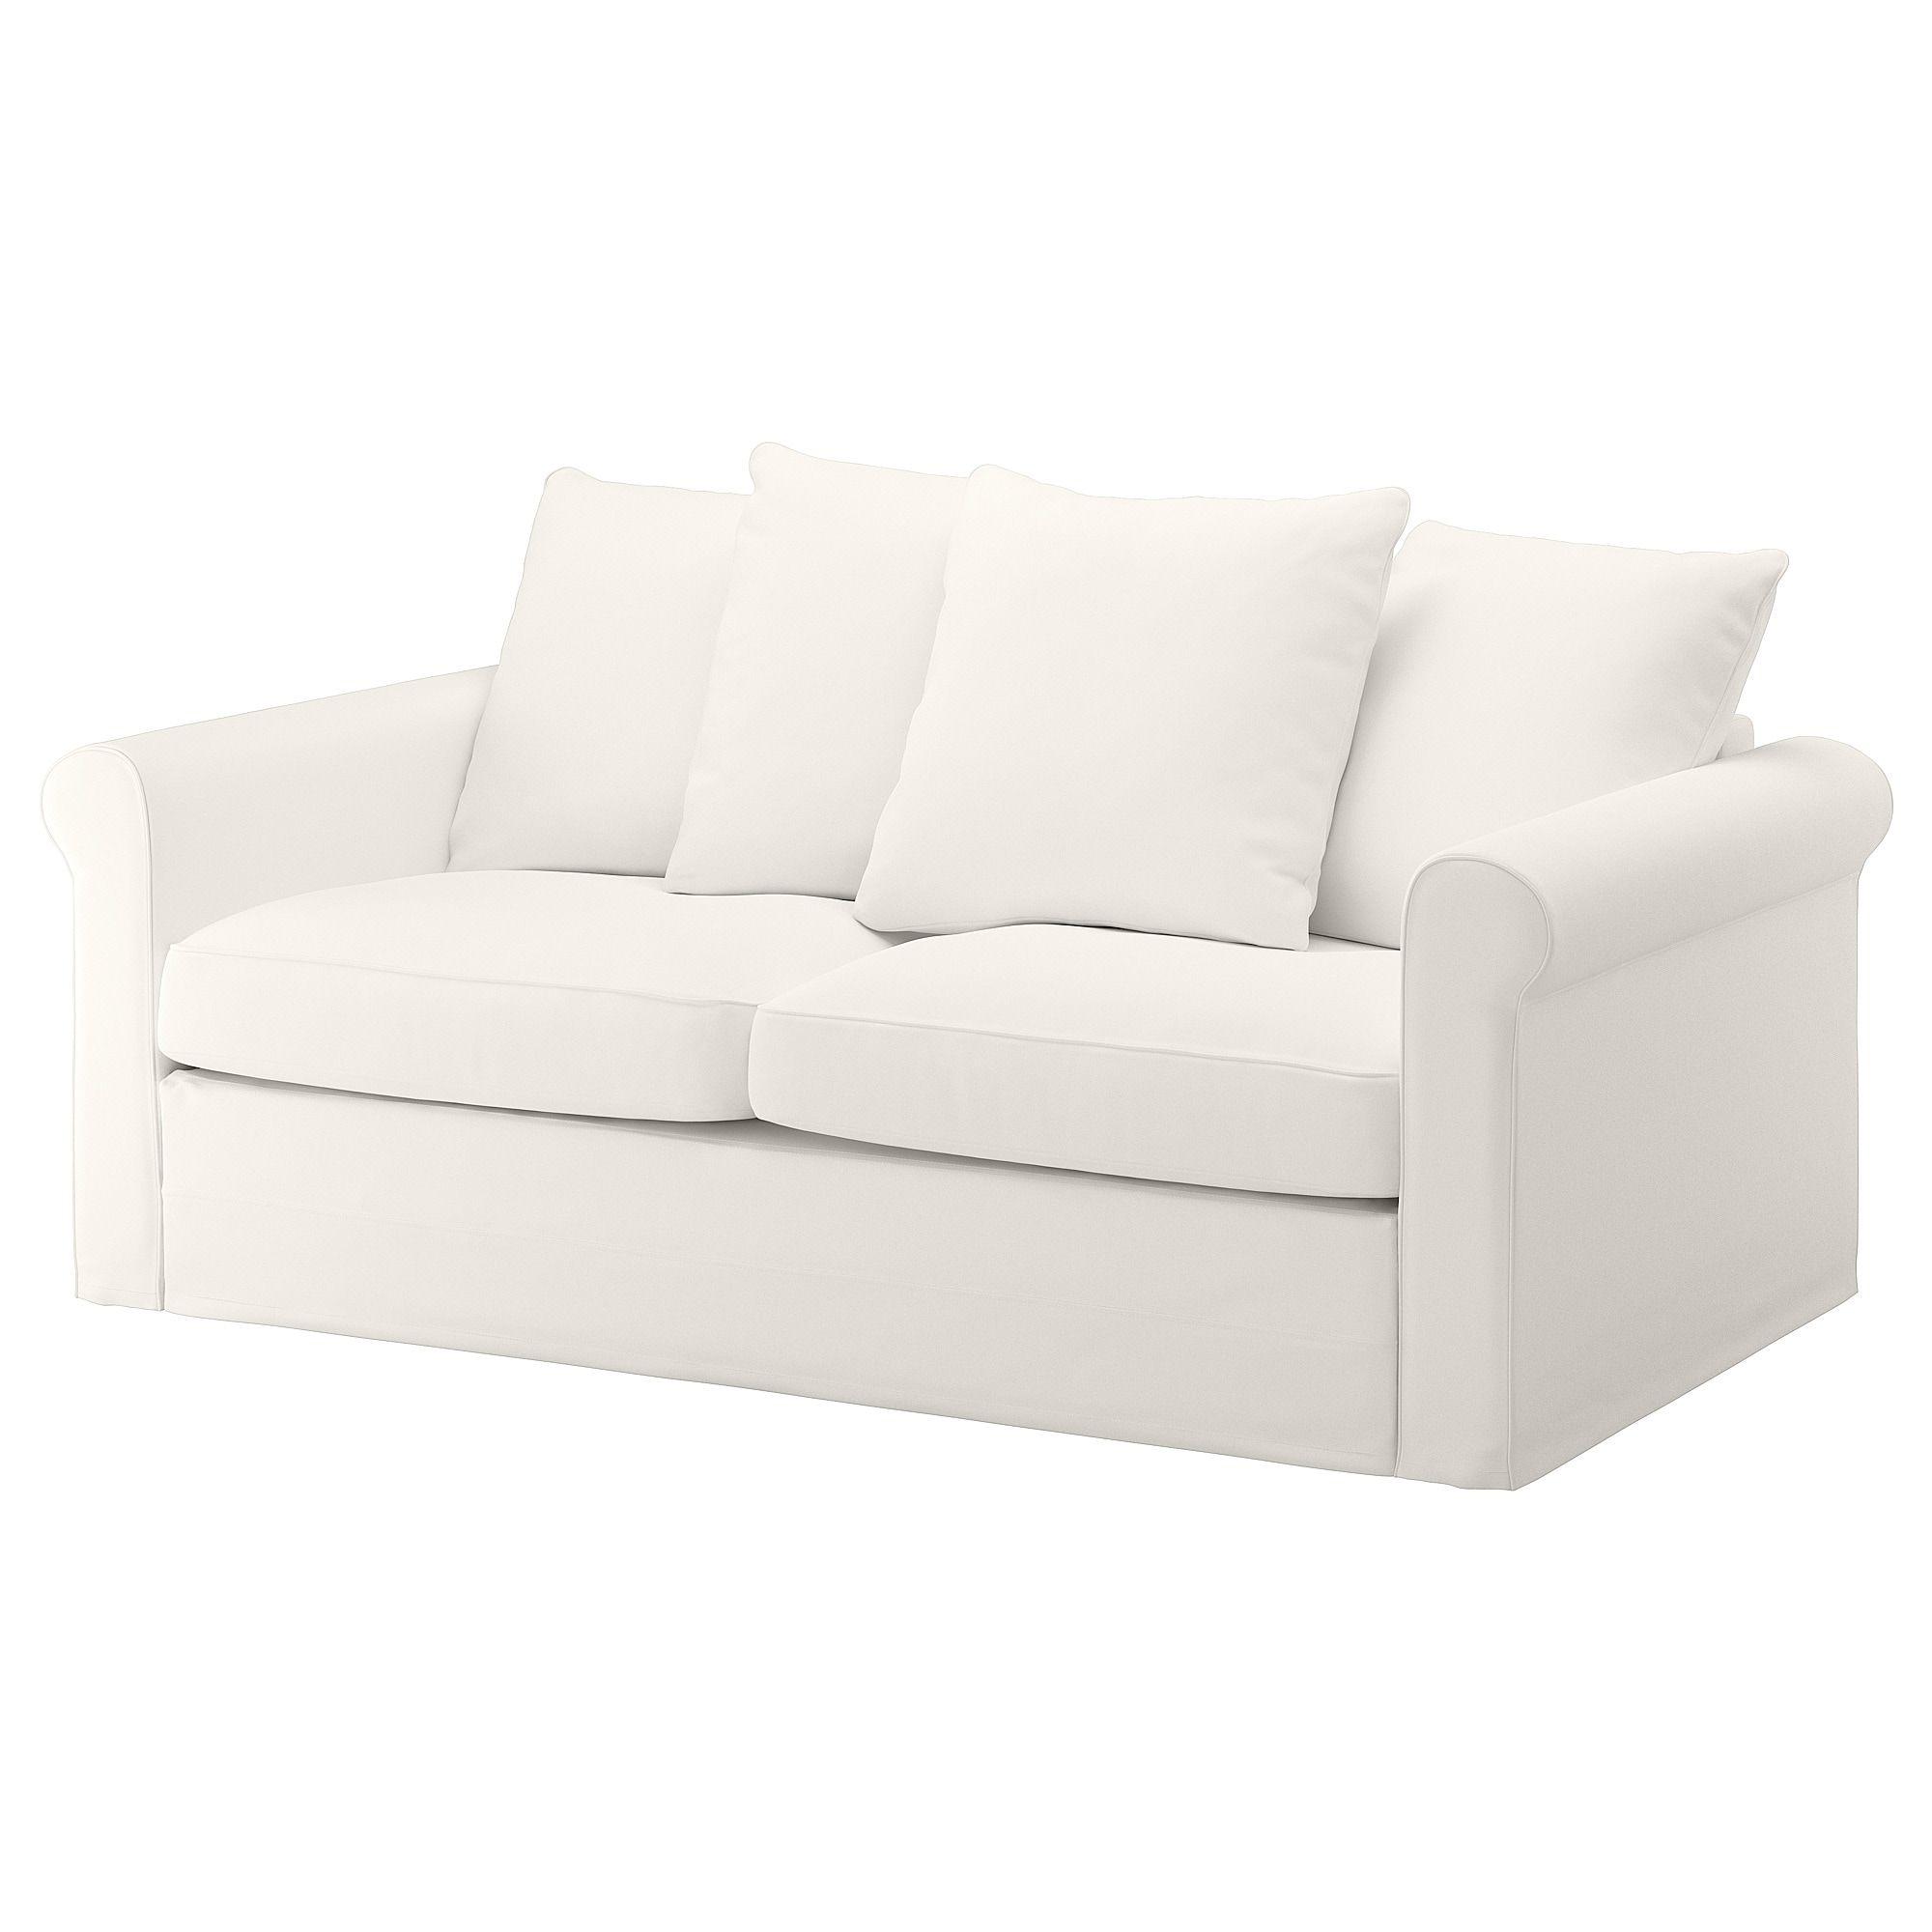 Gronlid Sofa Beds Ikea Sleeper Sofa Sofa Bed Sofa